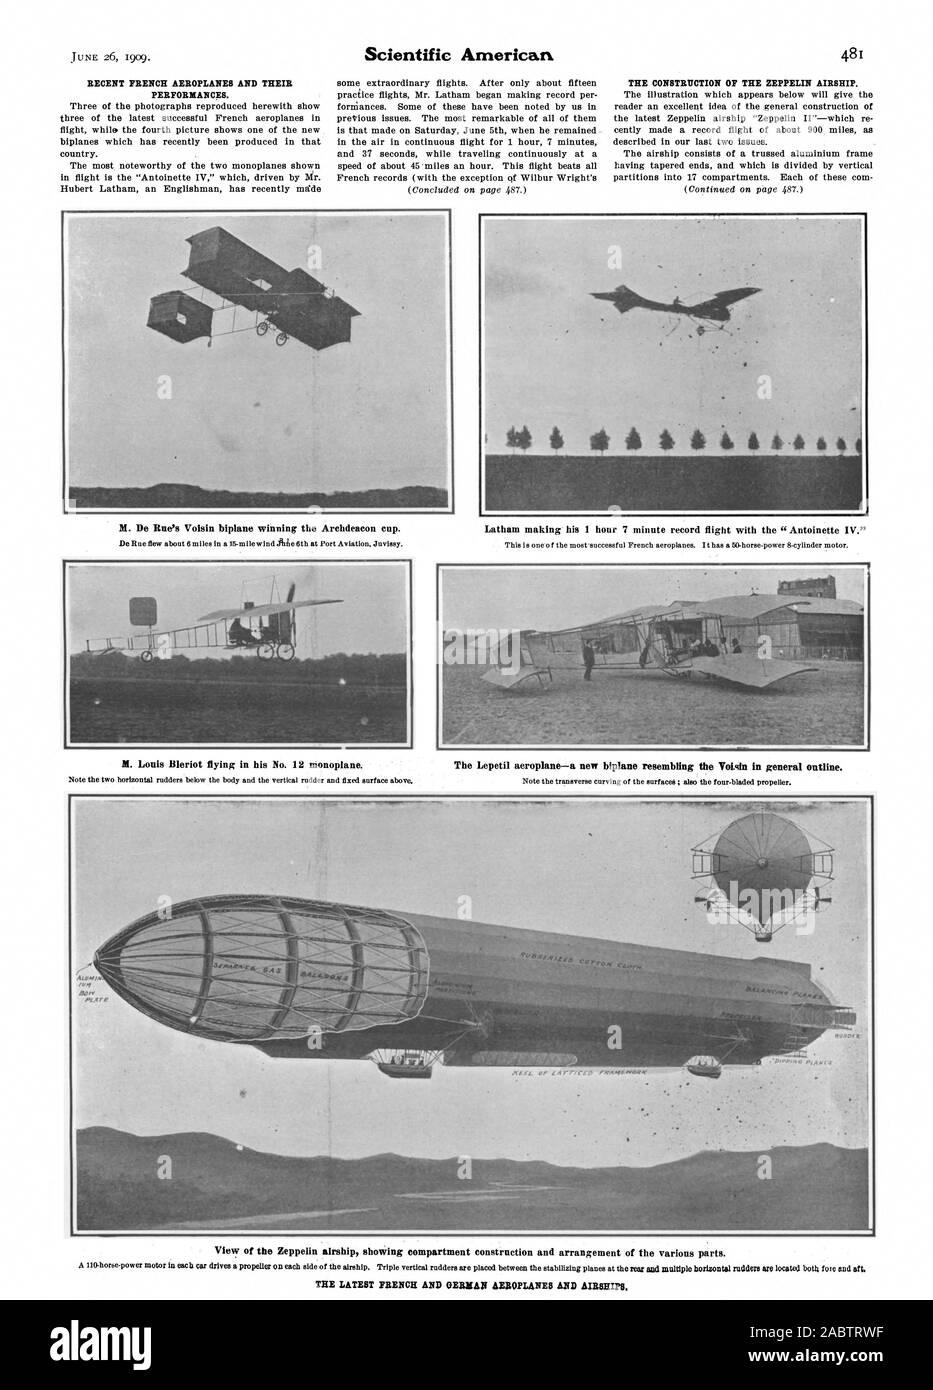 M. De Rue a remporté le biplan voisin de la coupe 1635. M. Louis Blériot voler dans son monoplan n° 12. Latham fait ses 1 heure 7 minute de vol record avec le 'Antoinette IV.' Le Lepetil-avion biplan une nouvelle qui ressemble à l'Votigin en grandes lignes. Vue sur le dirigeable Zeppelin montrant la construction du compartiment et de l'arrangement des différentes parties. Les derniers avions allemands et français et les dirigeables., Scientific American, -1909-06-26 Banque D'Images